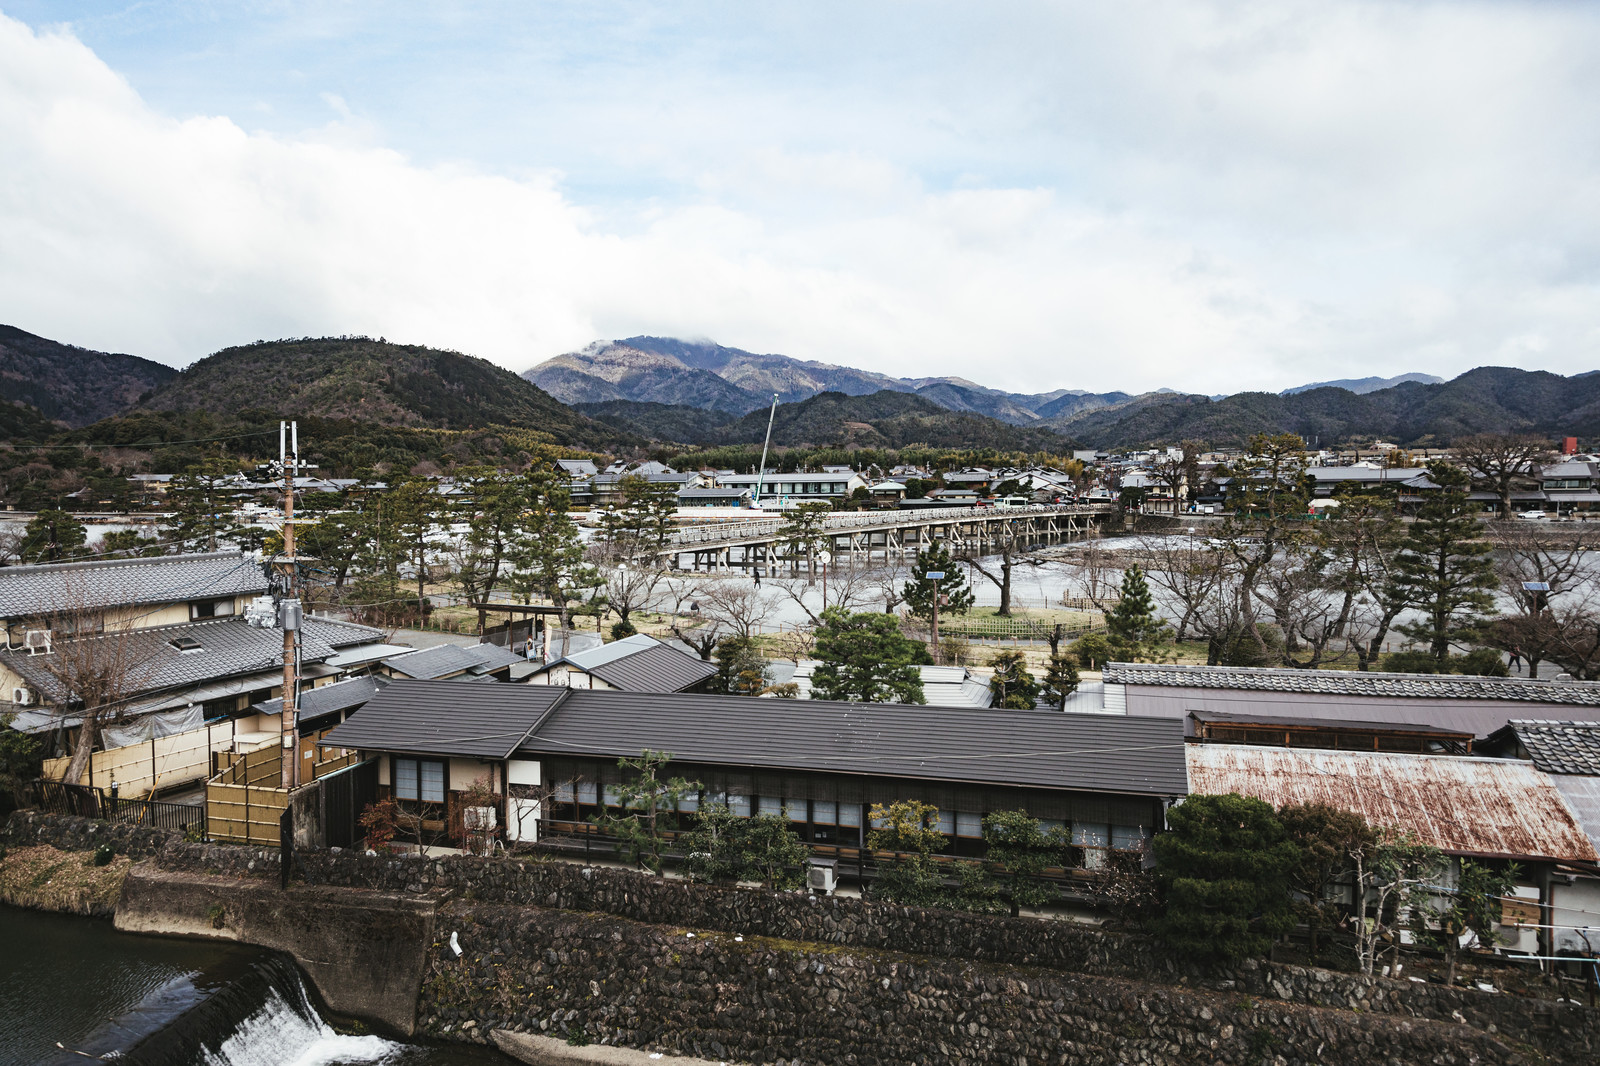 「京都嵐山の渡月橋付近」の写真